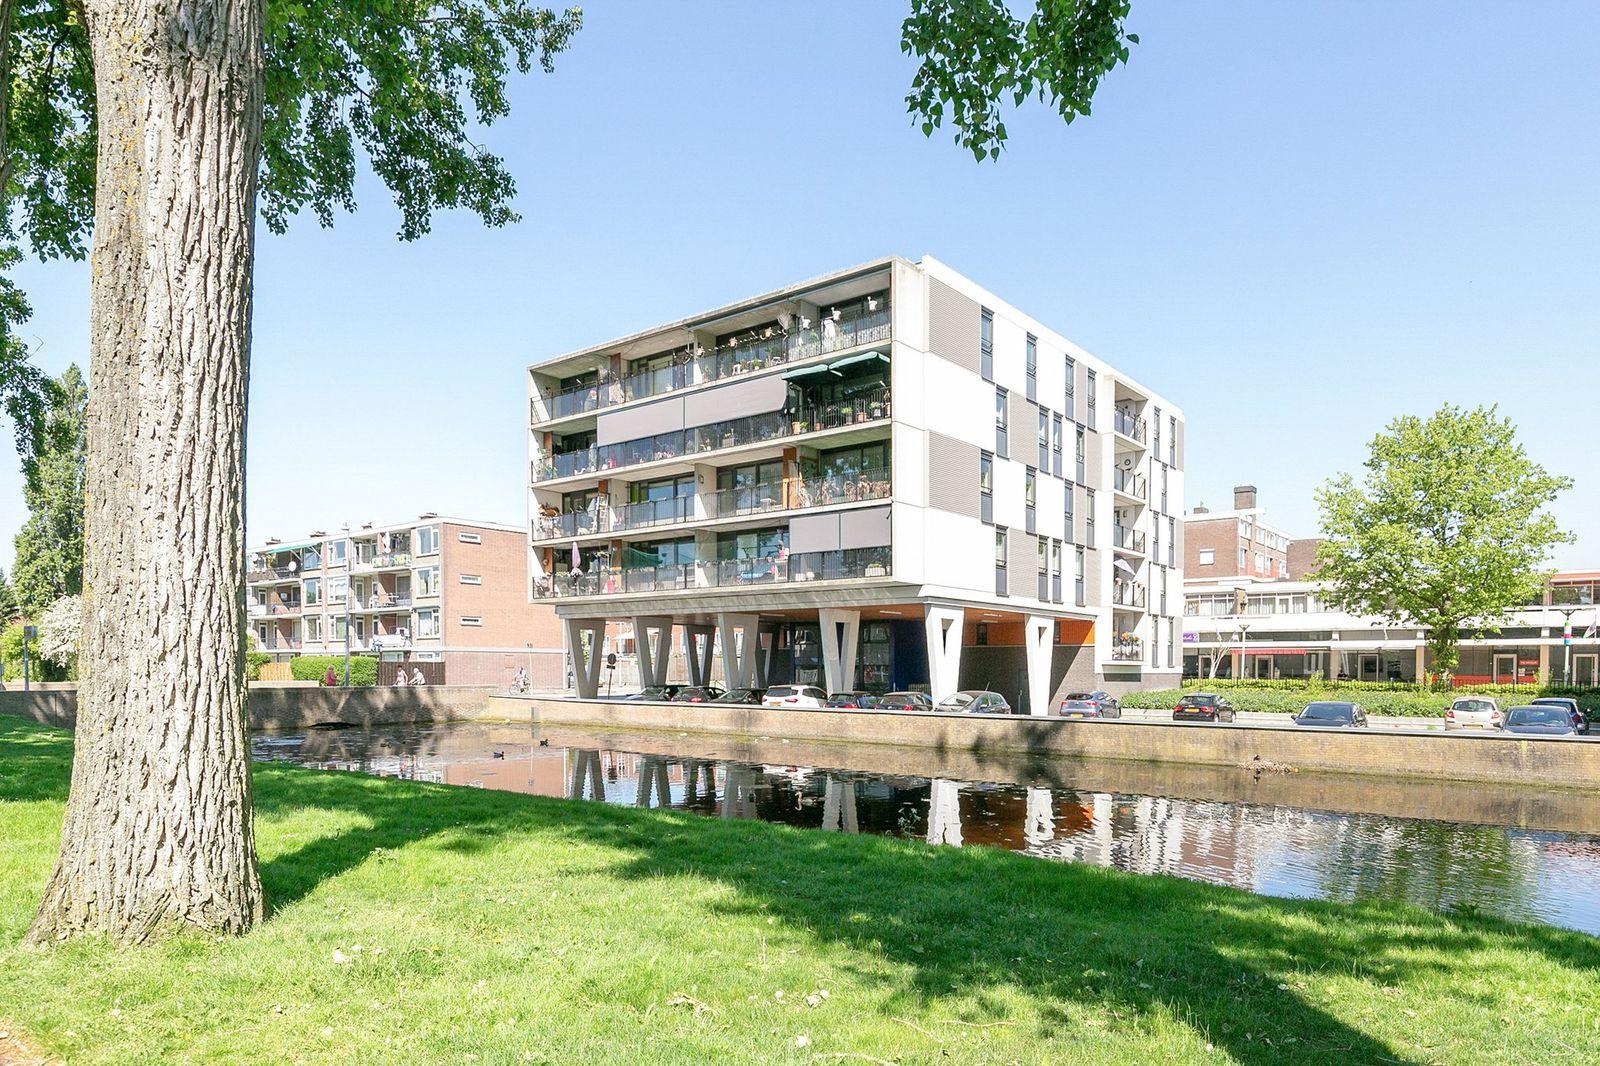 Plein 1953 281, Rotterdam